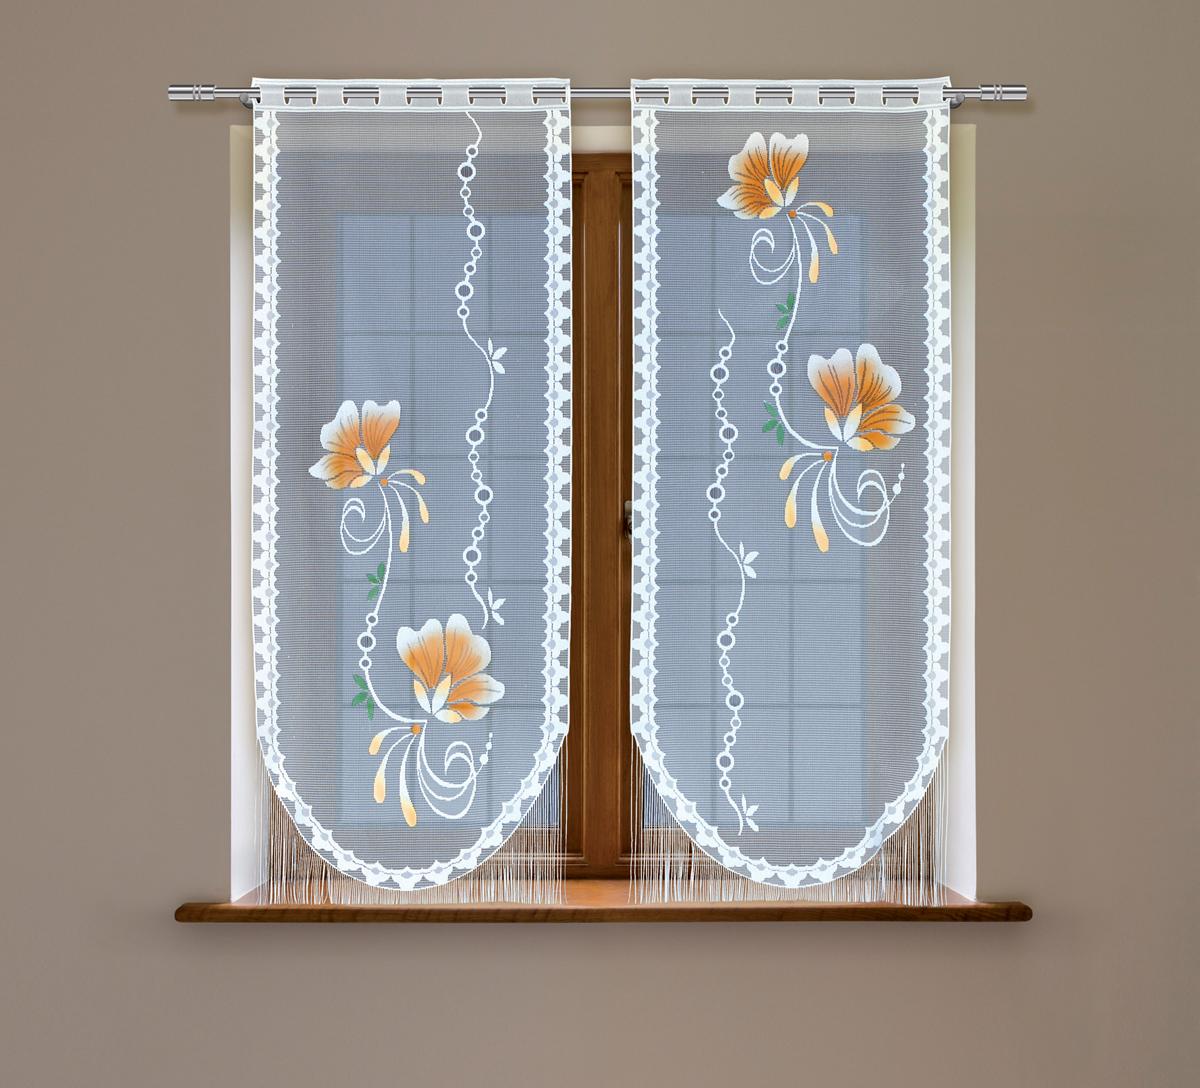 Гардина Haft, на зажимах, цвет: белый, высота 160 см, ширина 60 см, 2 шт. 23233С/60